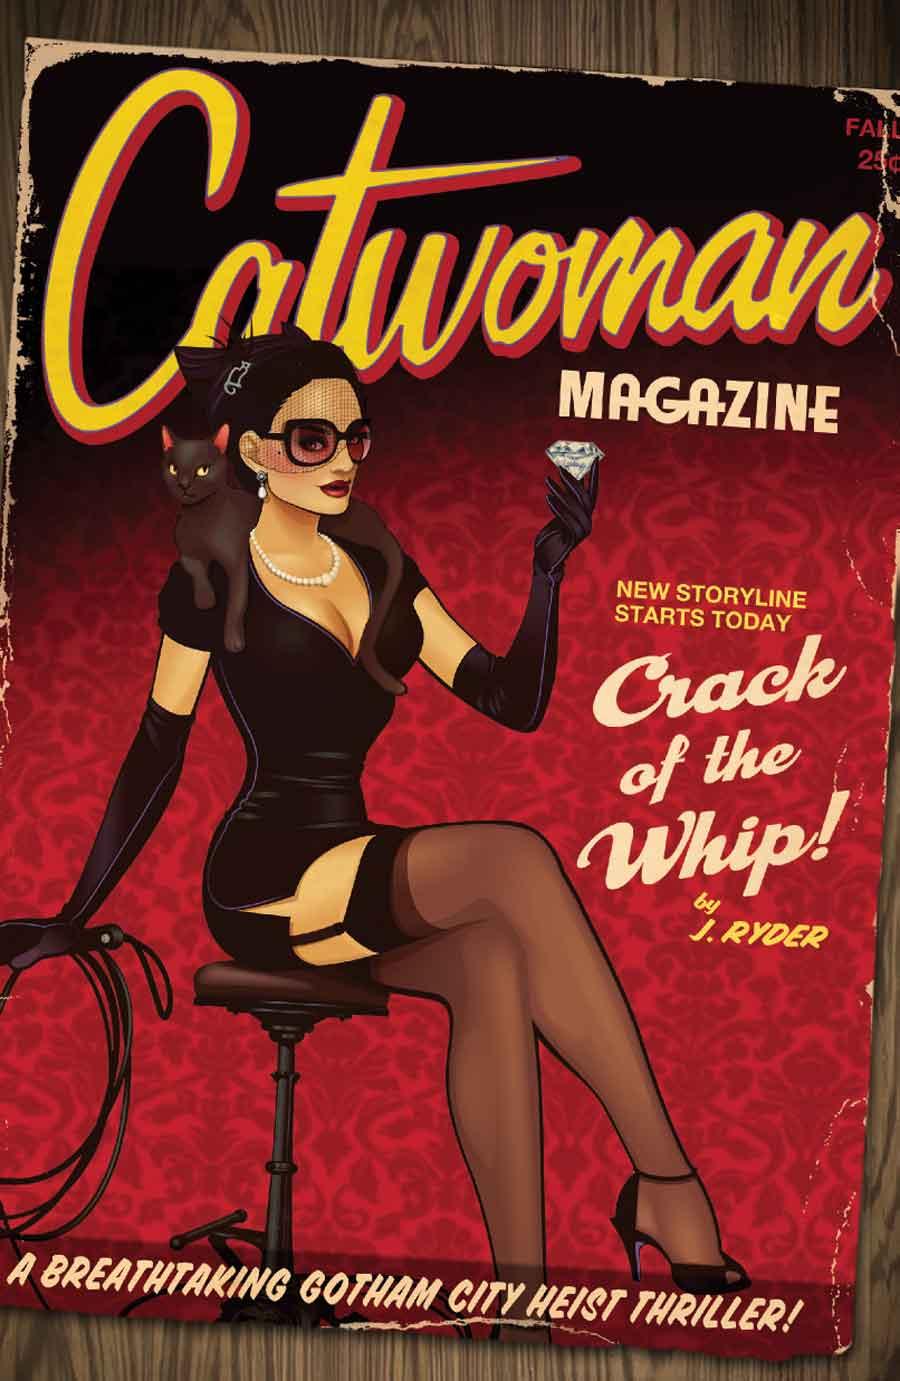 VISUEL DE COUVERTURE VARIANTE POUR CATWOMAN #32, PAR ANT LUCIA